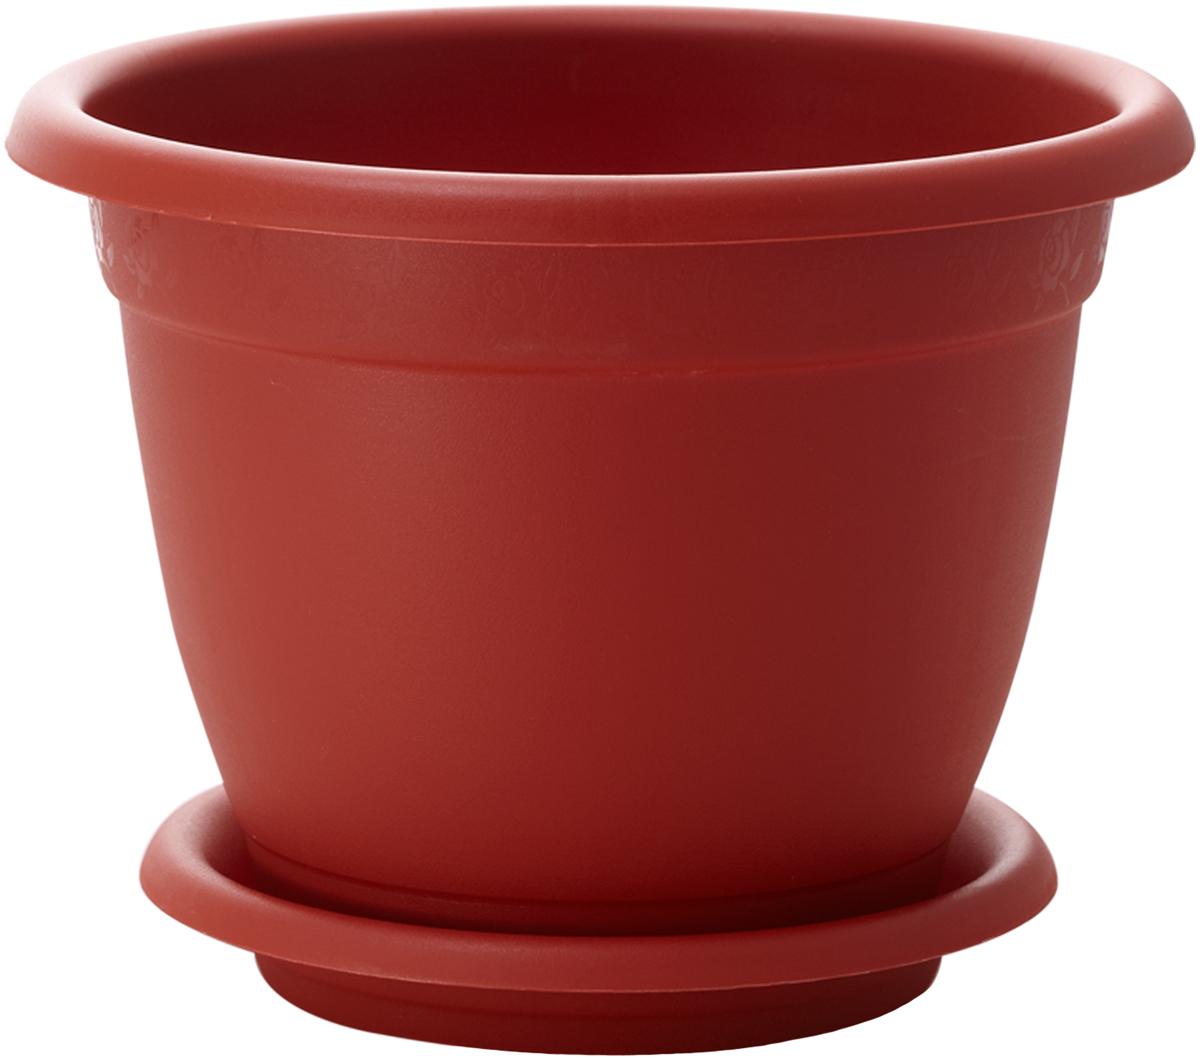 Горшок для цветов InGreen Борнео, с поддоном, цвет: терракотовый, диаметр 17 смING42017FТРГоршок InGreen Борнео, выполненный из высококачественного полипропилена, имеет дренажные отверстия, что способствует выведению лишней влаги из почвы и предотвращает гниение корневой системы растения. К горшку прилагается круглый поддон. Он прочно фиксируется к изделию, благодаря специальной крепежной системе, обеспечивая удобство эксплуатации. Между стенкой горшка и поддоном есть зазор, который позволяет испаряться лишней влаге и дает возможность прикорневого полива растения. Предназначен для выращивания цветов, растений и трав.Такой горшок порадует вас современным дизайном и функциональностью, а также оригинально украсит интерьер помещения.Диаметр горшка: 17 см.Высота горшка: 13,5 см.Диаметр поддона: 13 см.